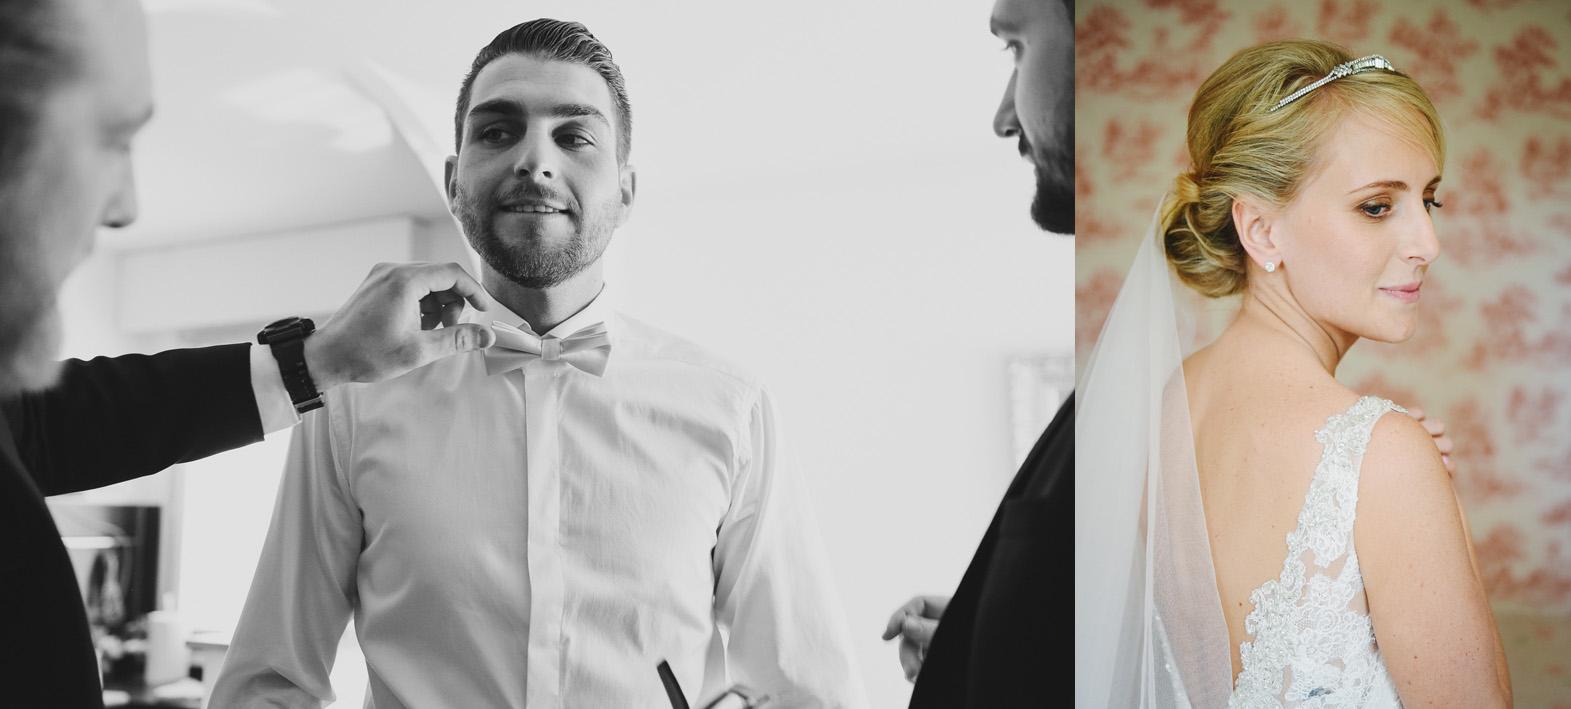 mariage_ag_chateau_reilly_oise_60_photographe_clemence_dubois-mep